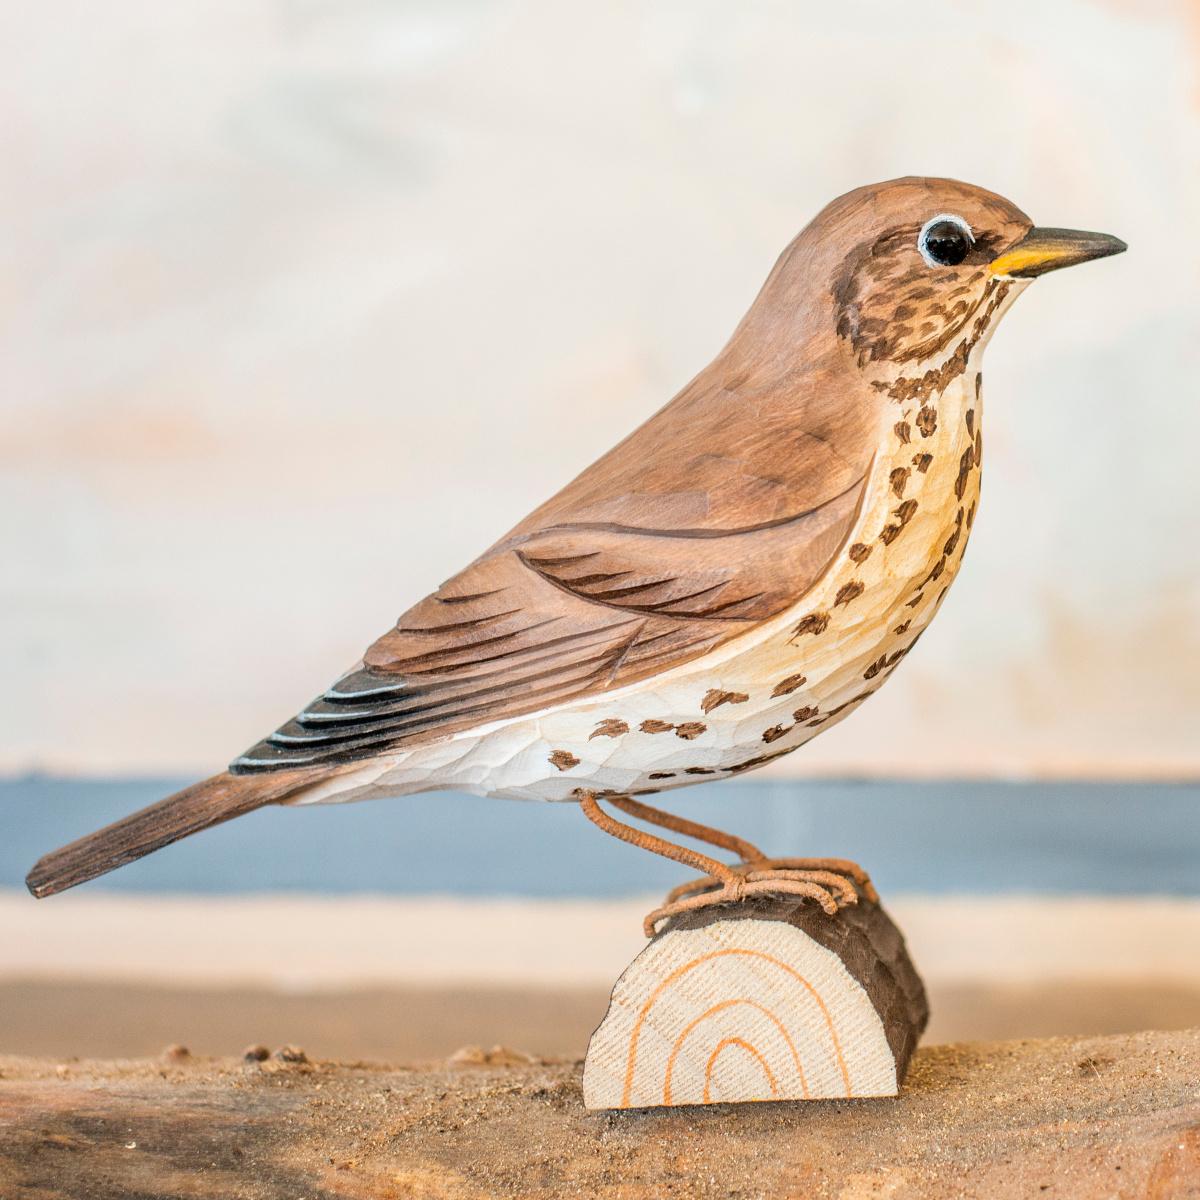 Wildlife Garden træfugl - sangdrossel